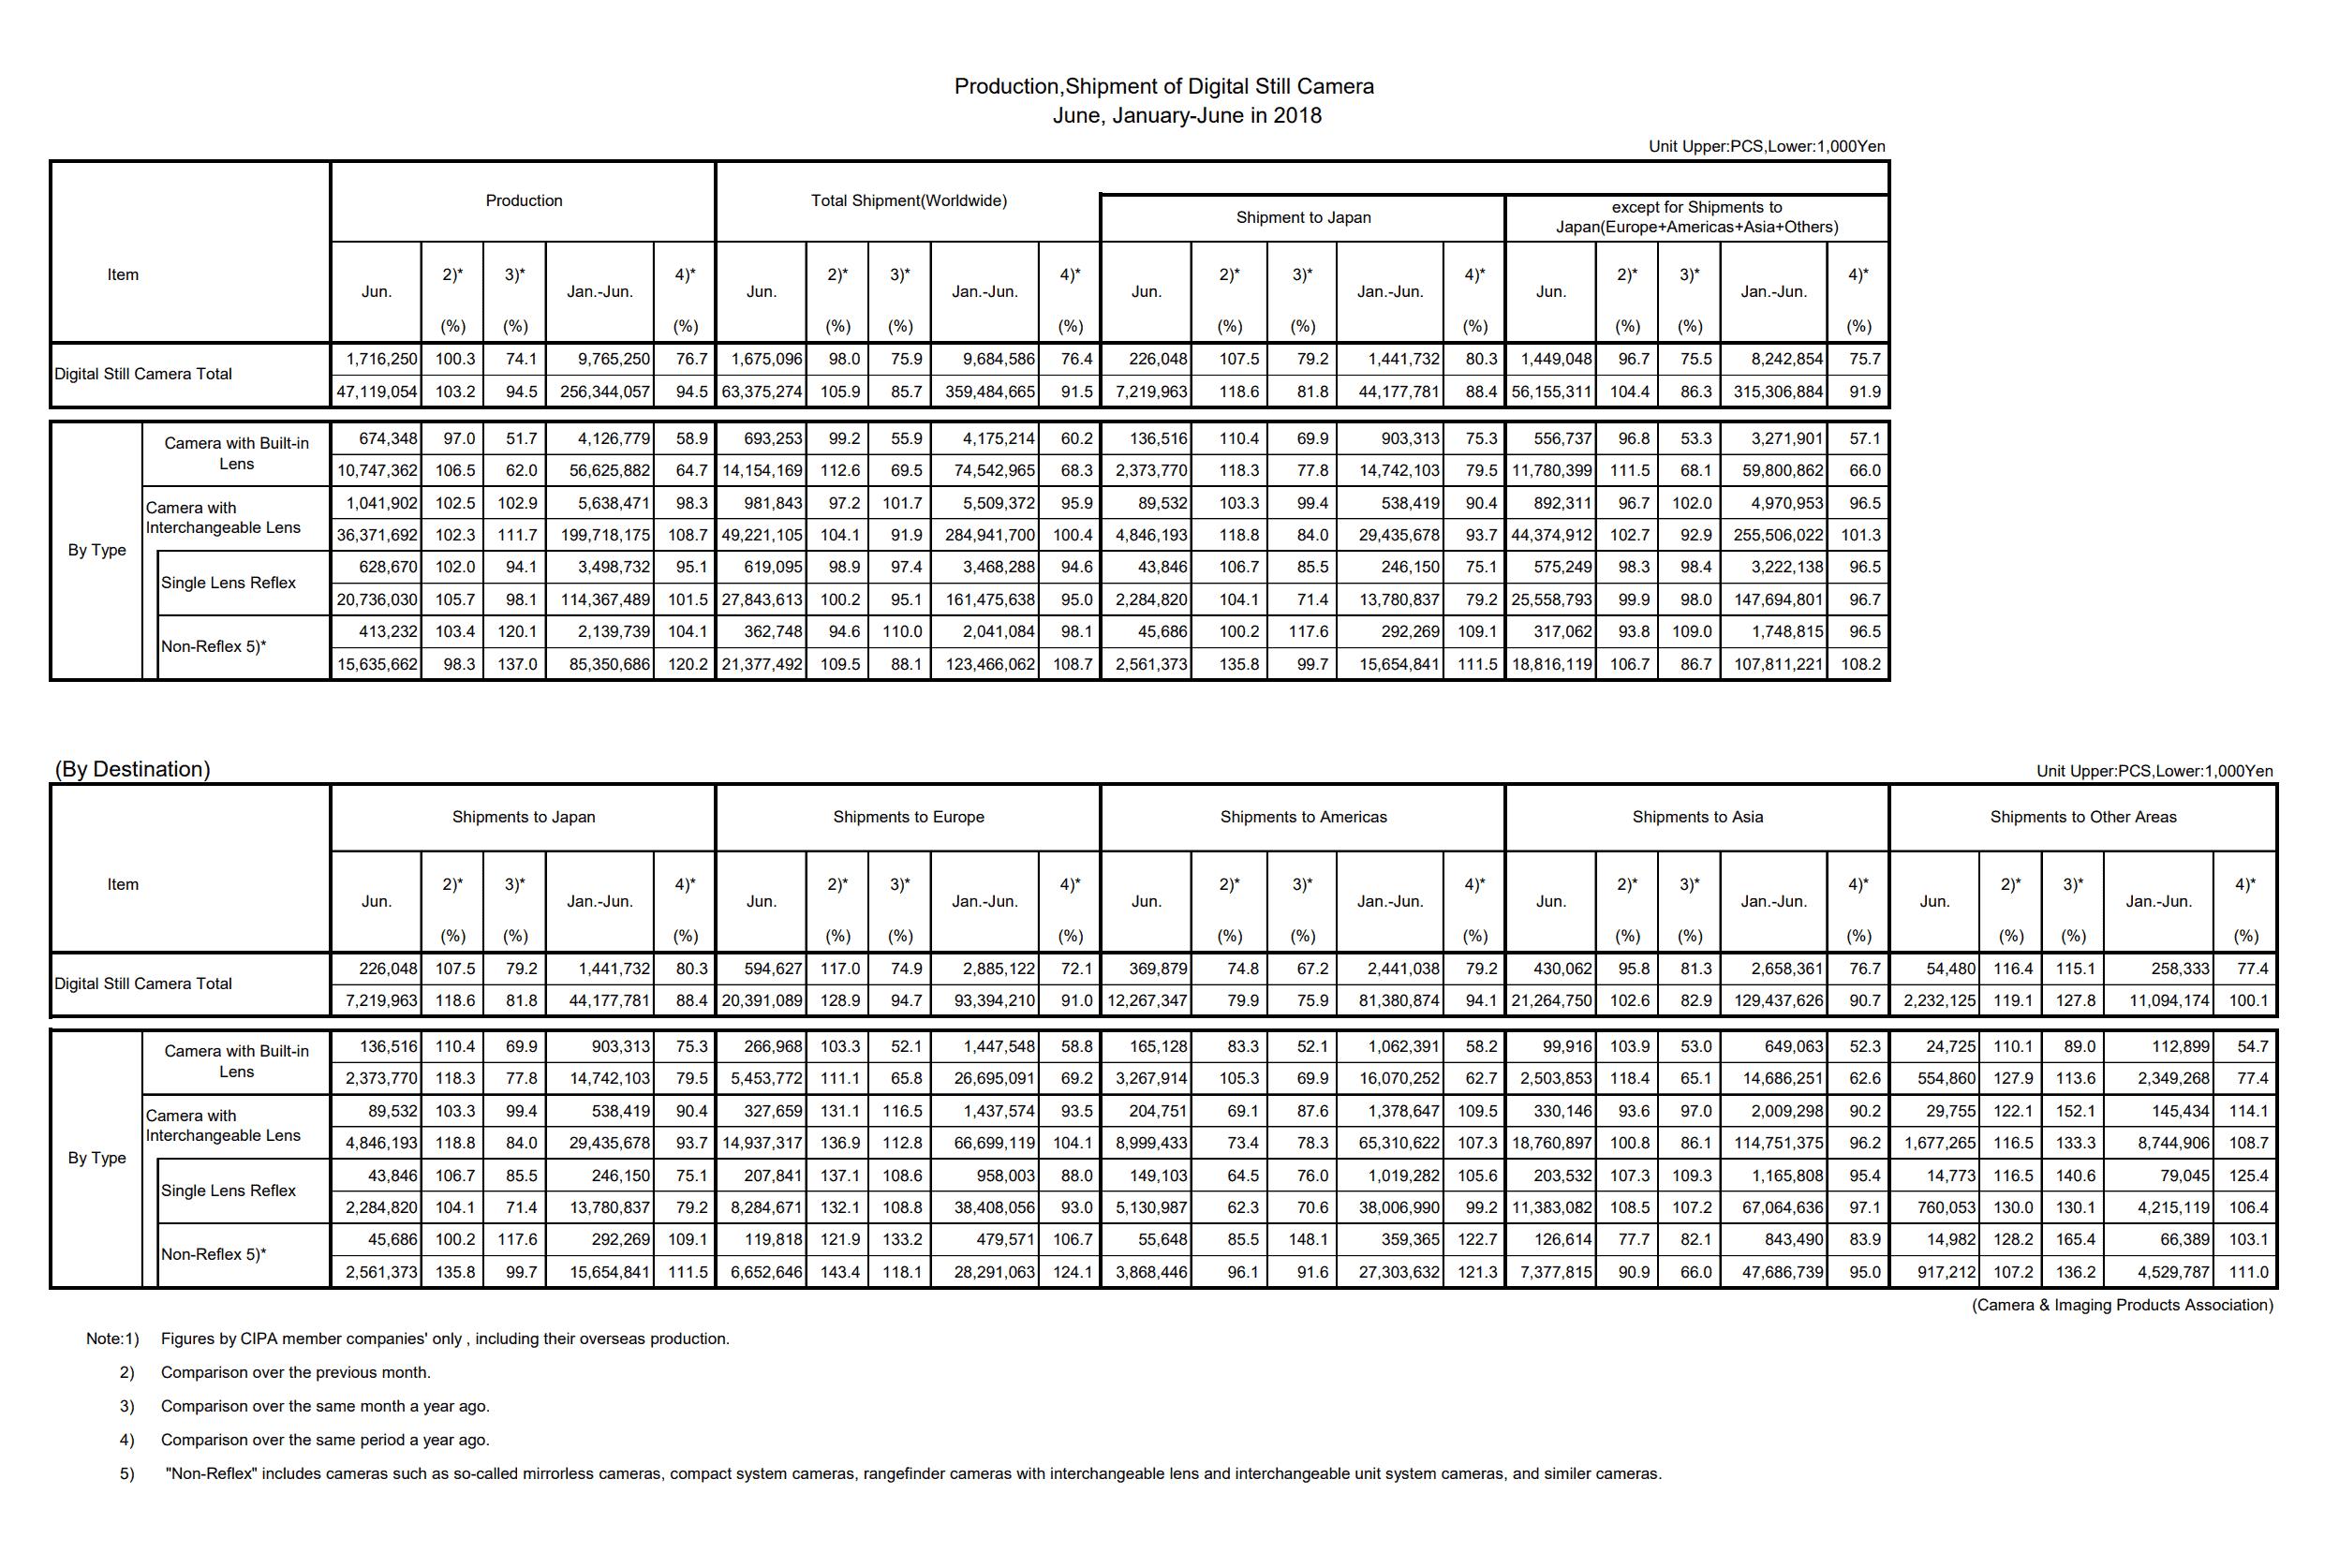 Production, Shipment of Digital Still Camera June, January-June in 2018